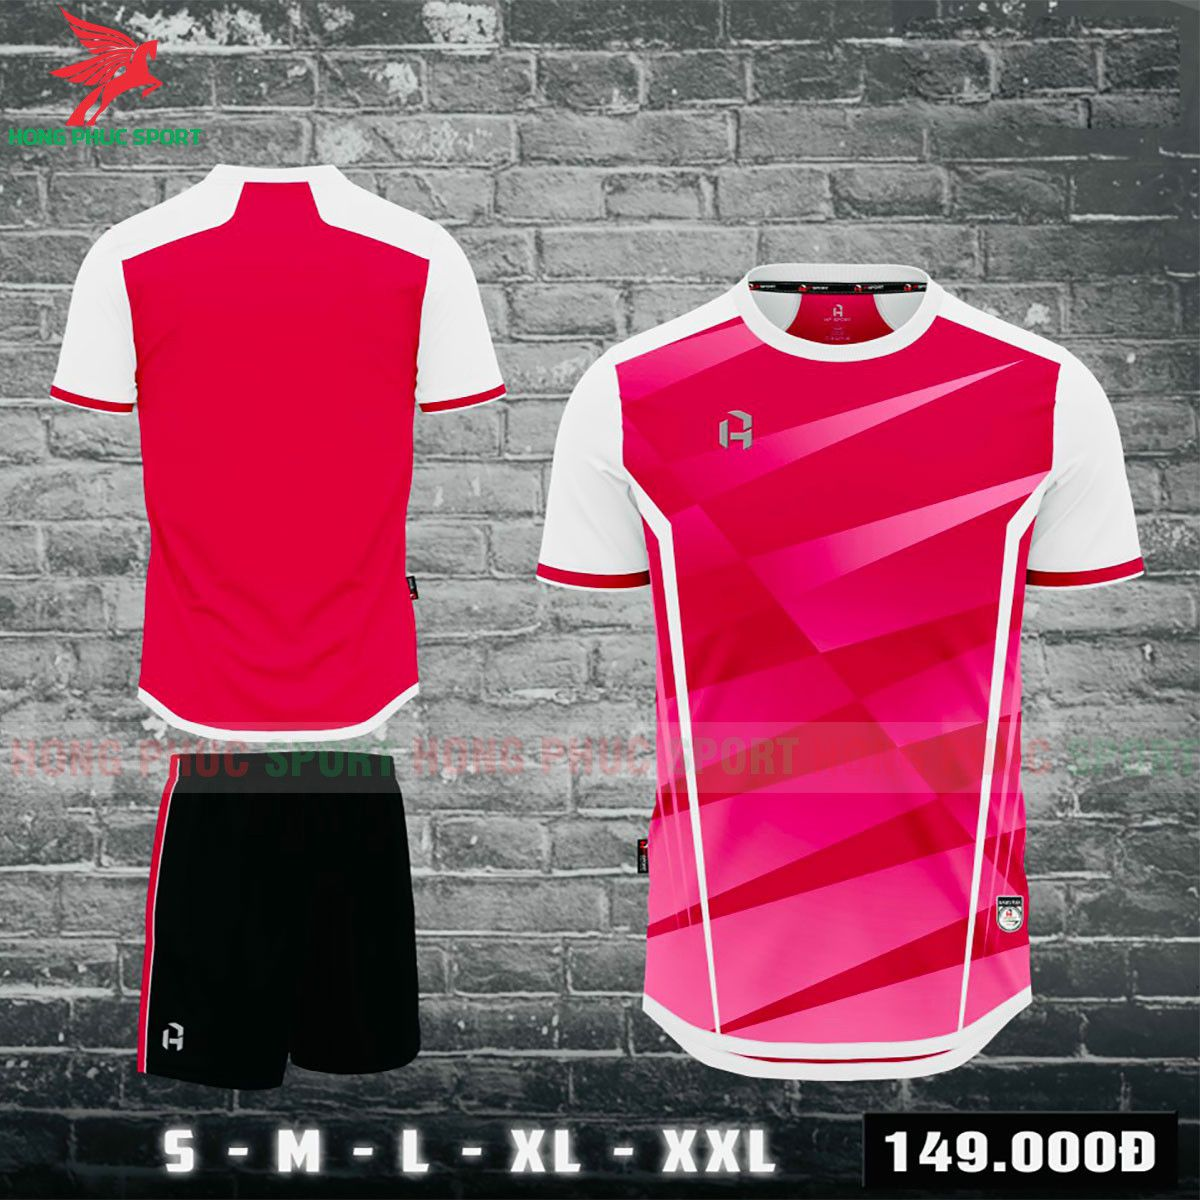 https://cdn.hongphucsport.com/unsafe/s4.shopbay.vn/files/285/ao-bong-da-khong-logo-hp-sport-2021-bebotux-tim-60f530f76911f.jpg